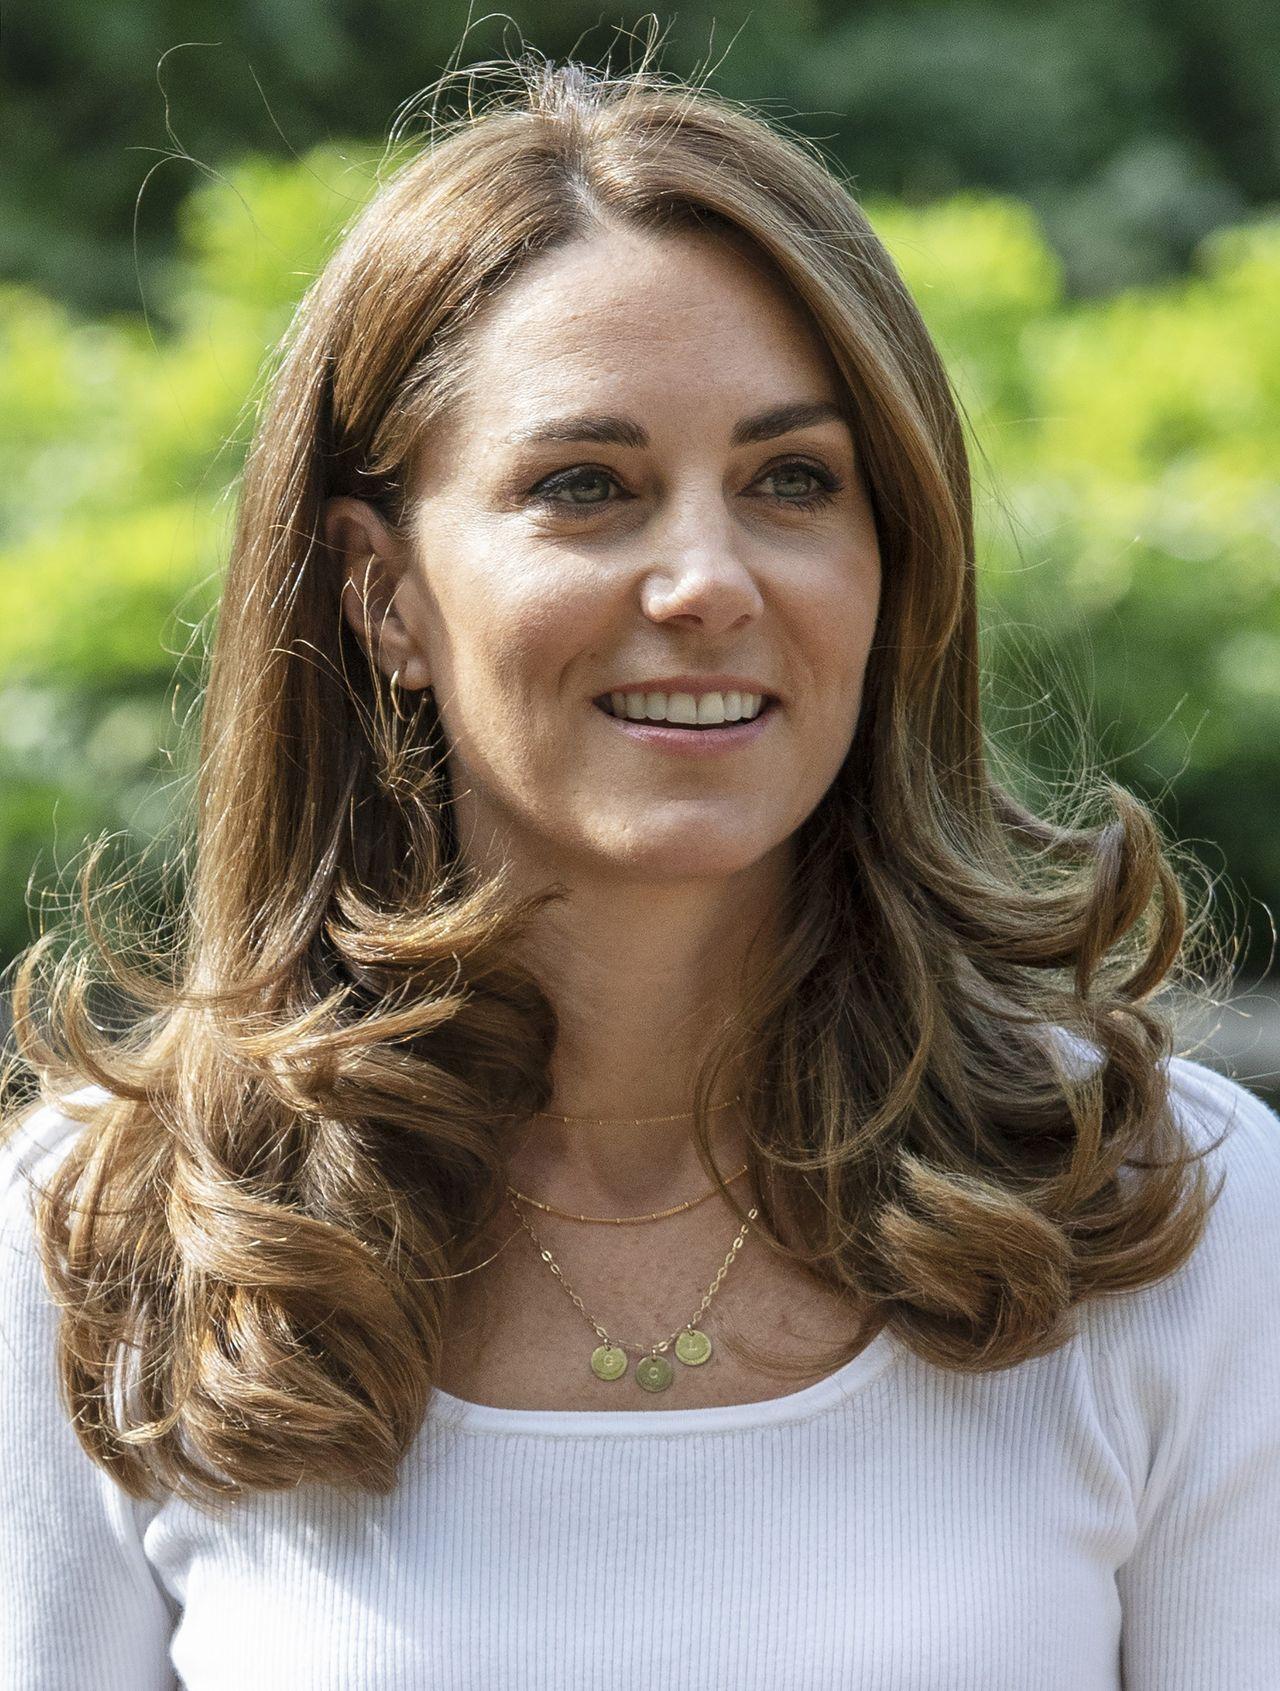 Księżna Kate w delikatnym naszyjniku